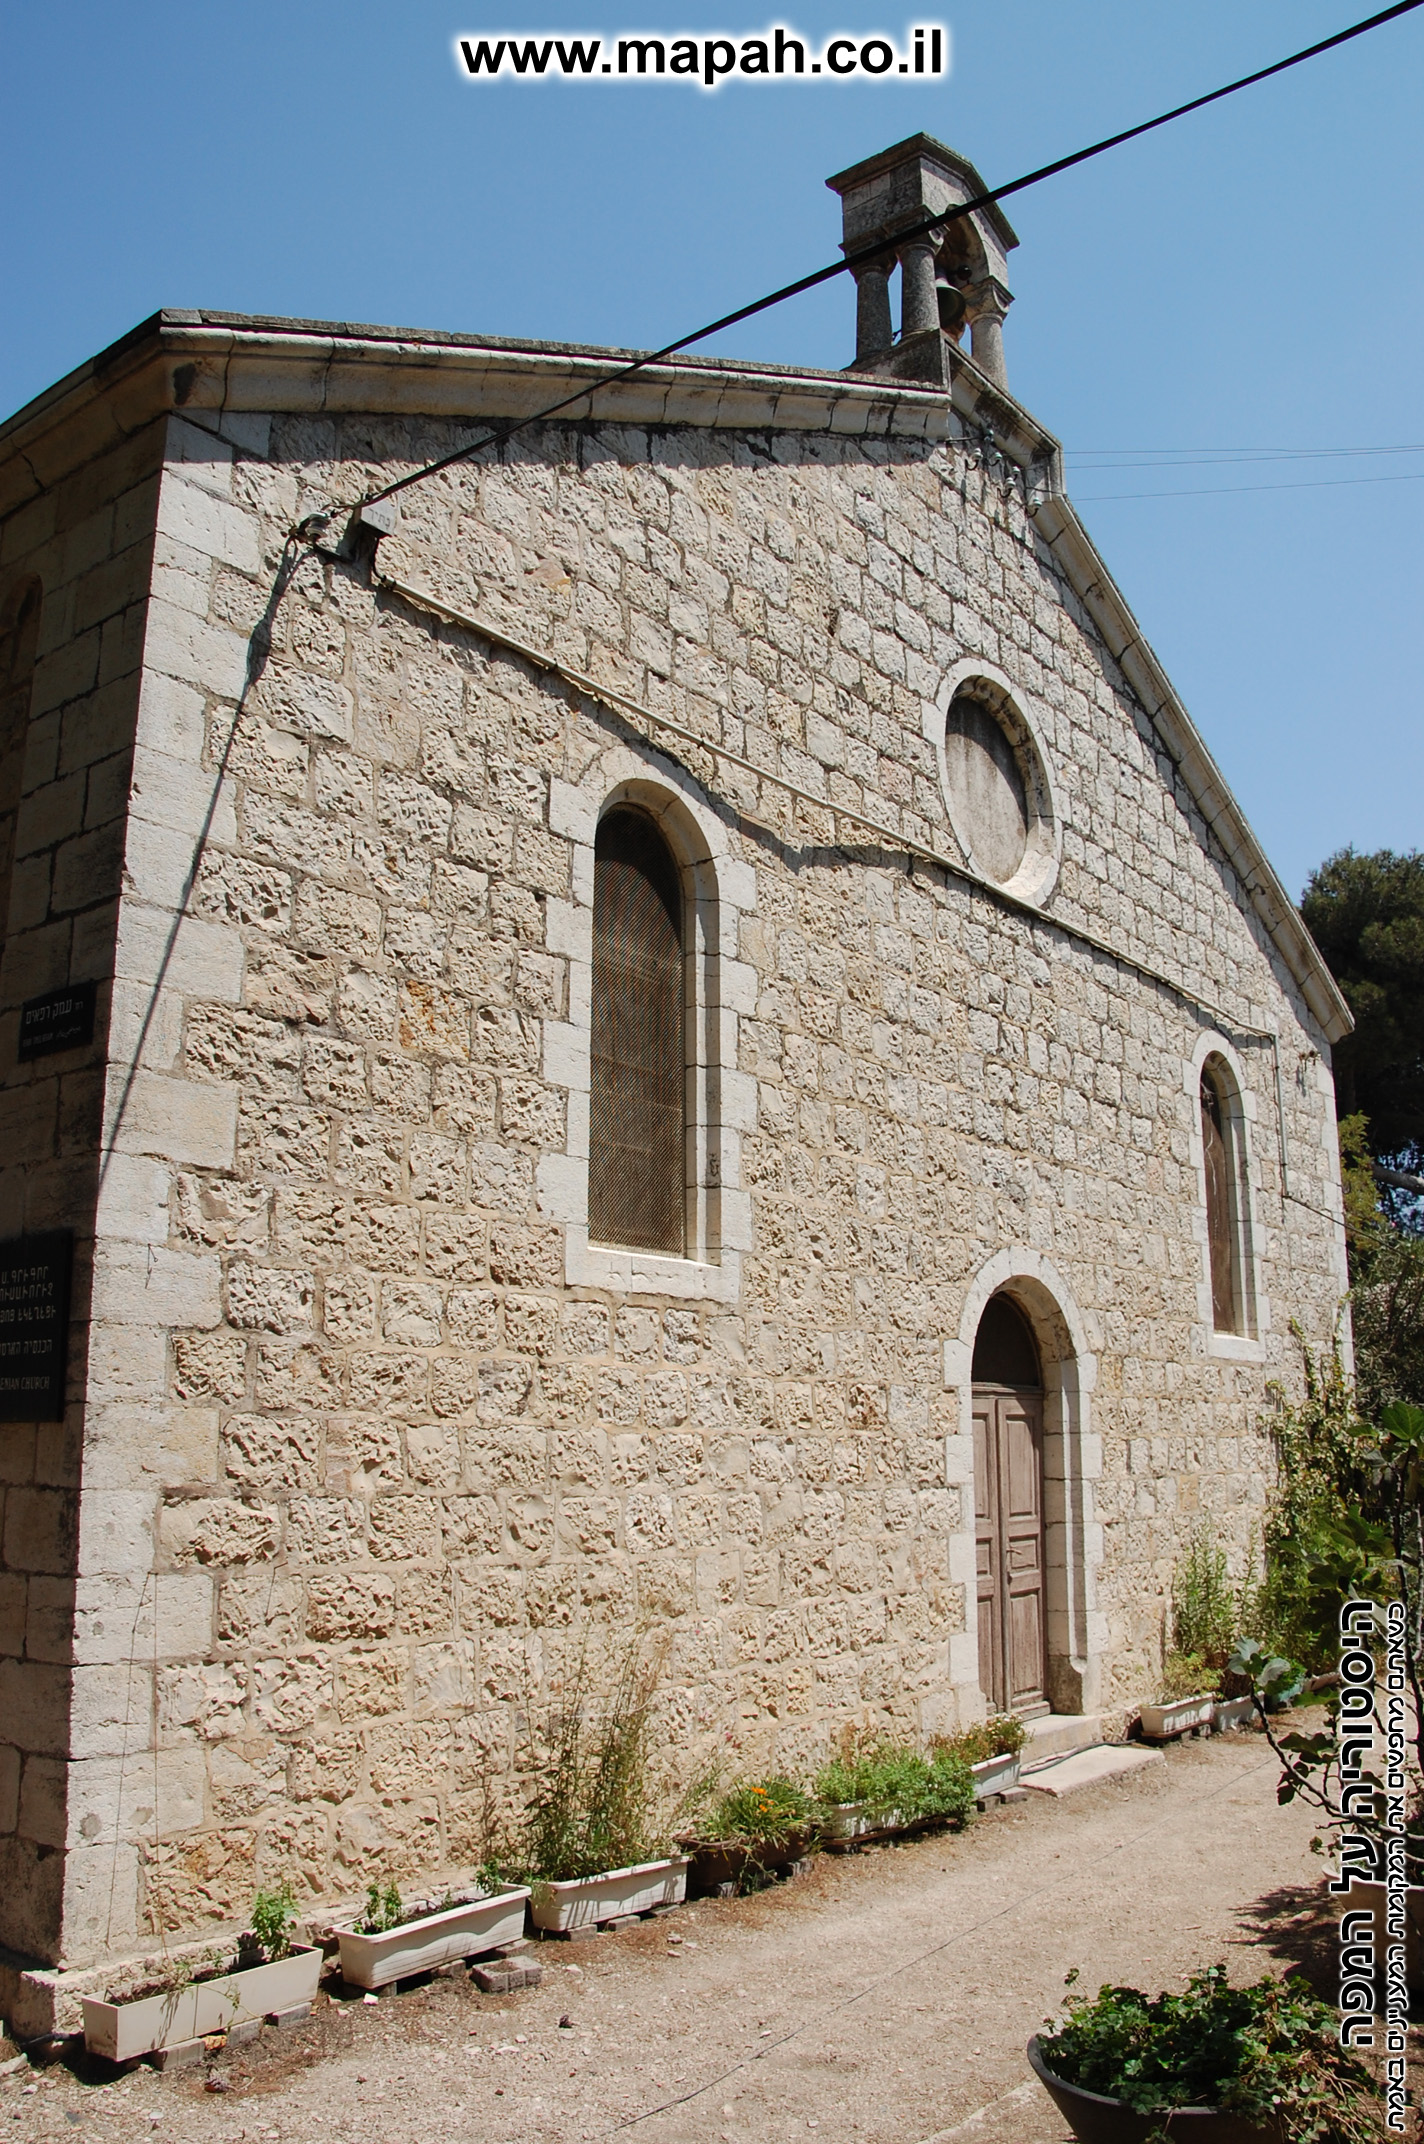 דלתה כניסה לבית העם הטמפלרי - צילום: אפי אליאן